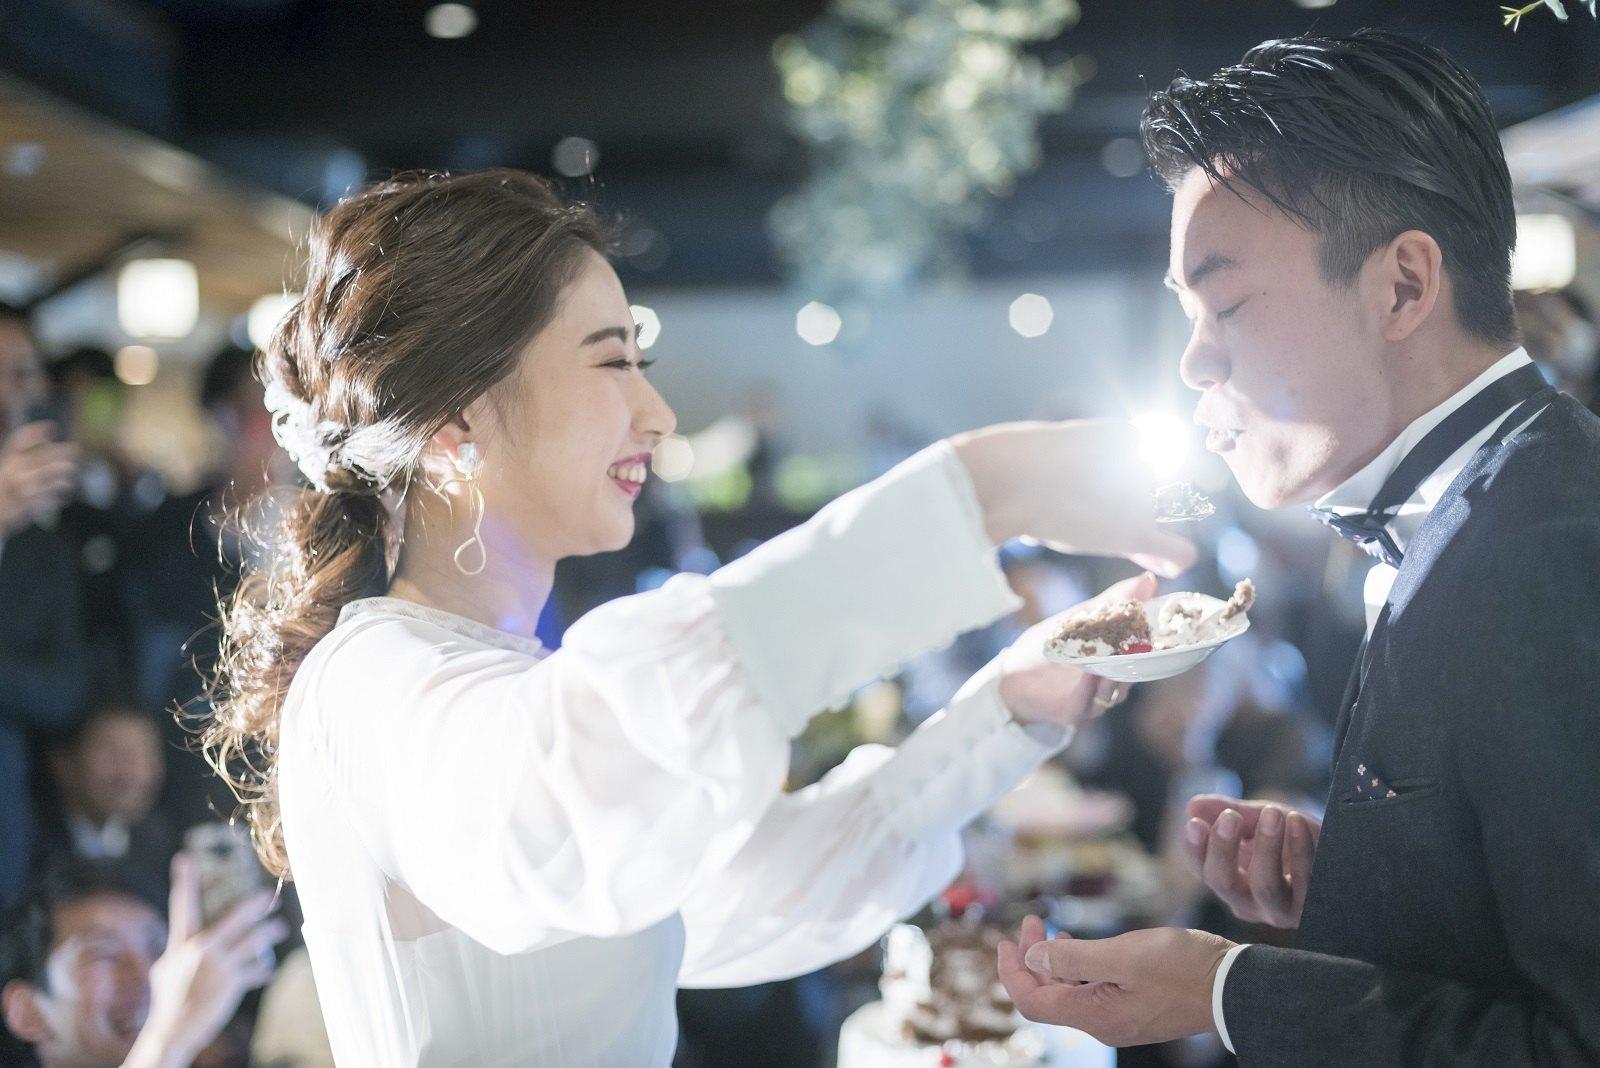 香川県高松市の小さな結婚式相談カウンターマリマリコンシェルジュのご紹介式場でファーストバイト